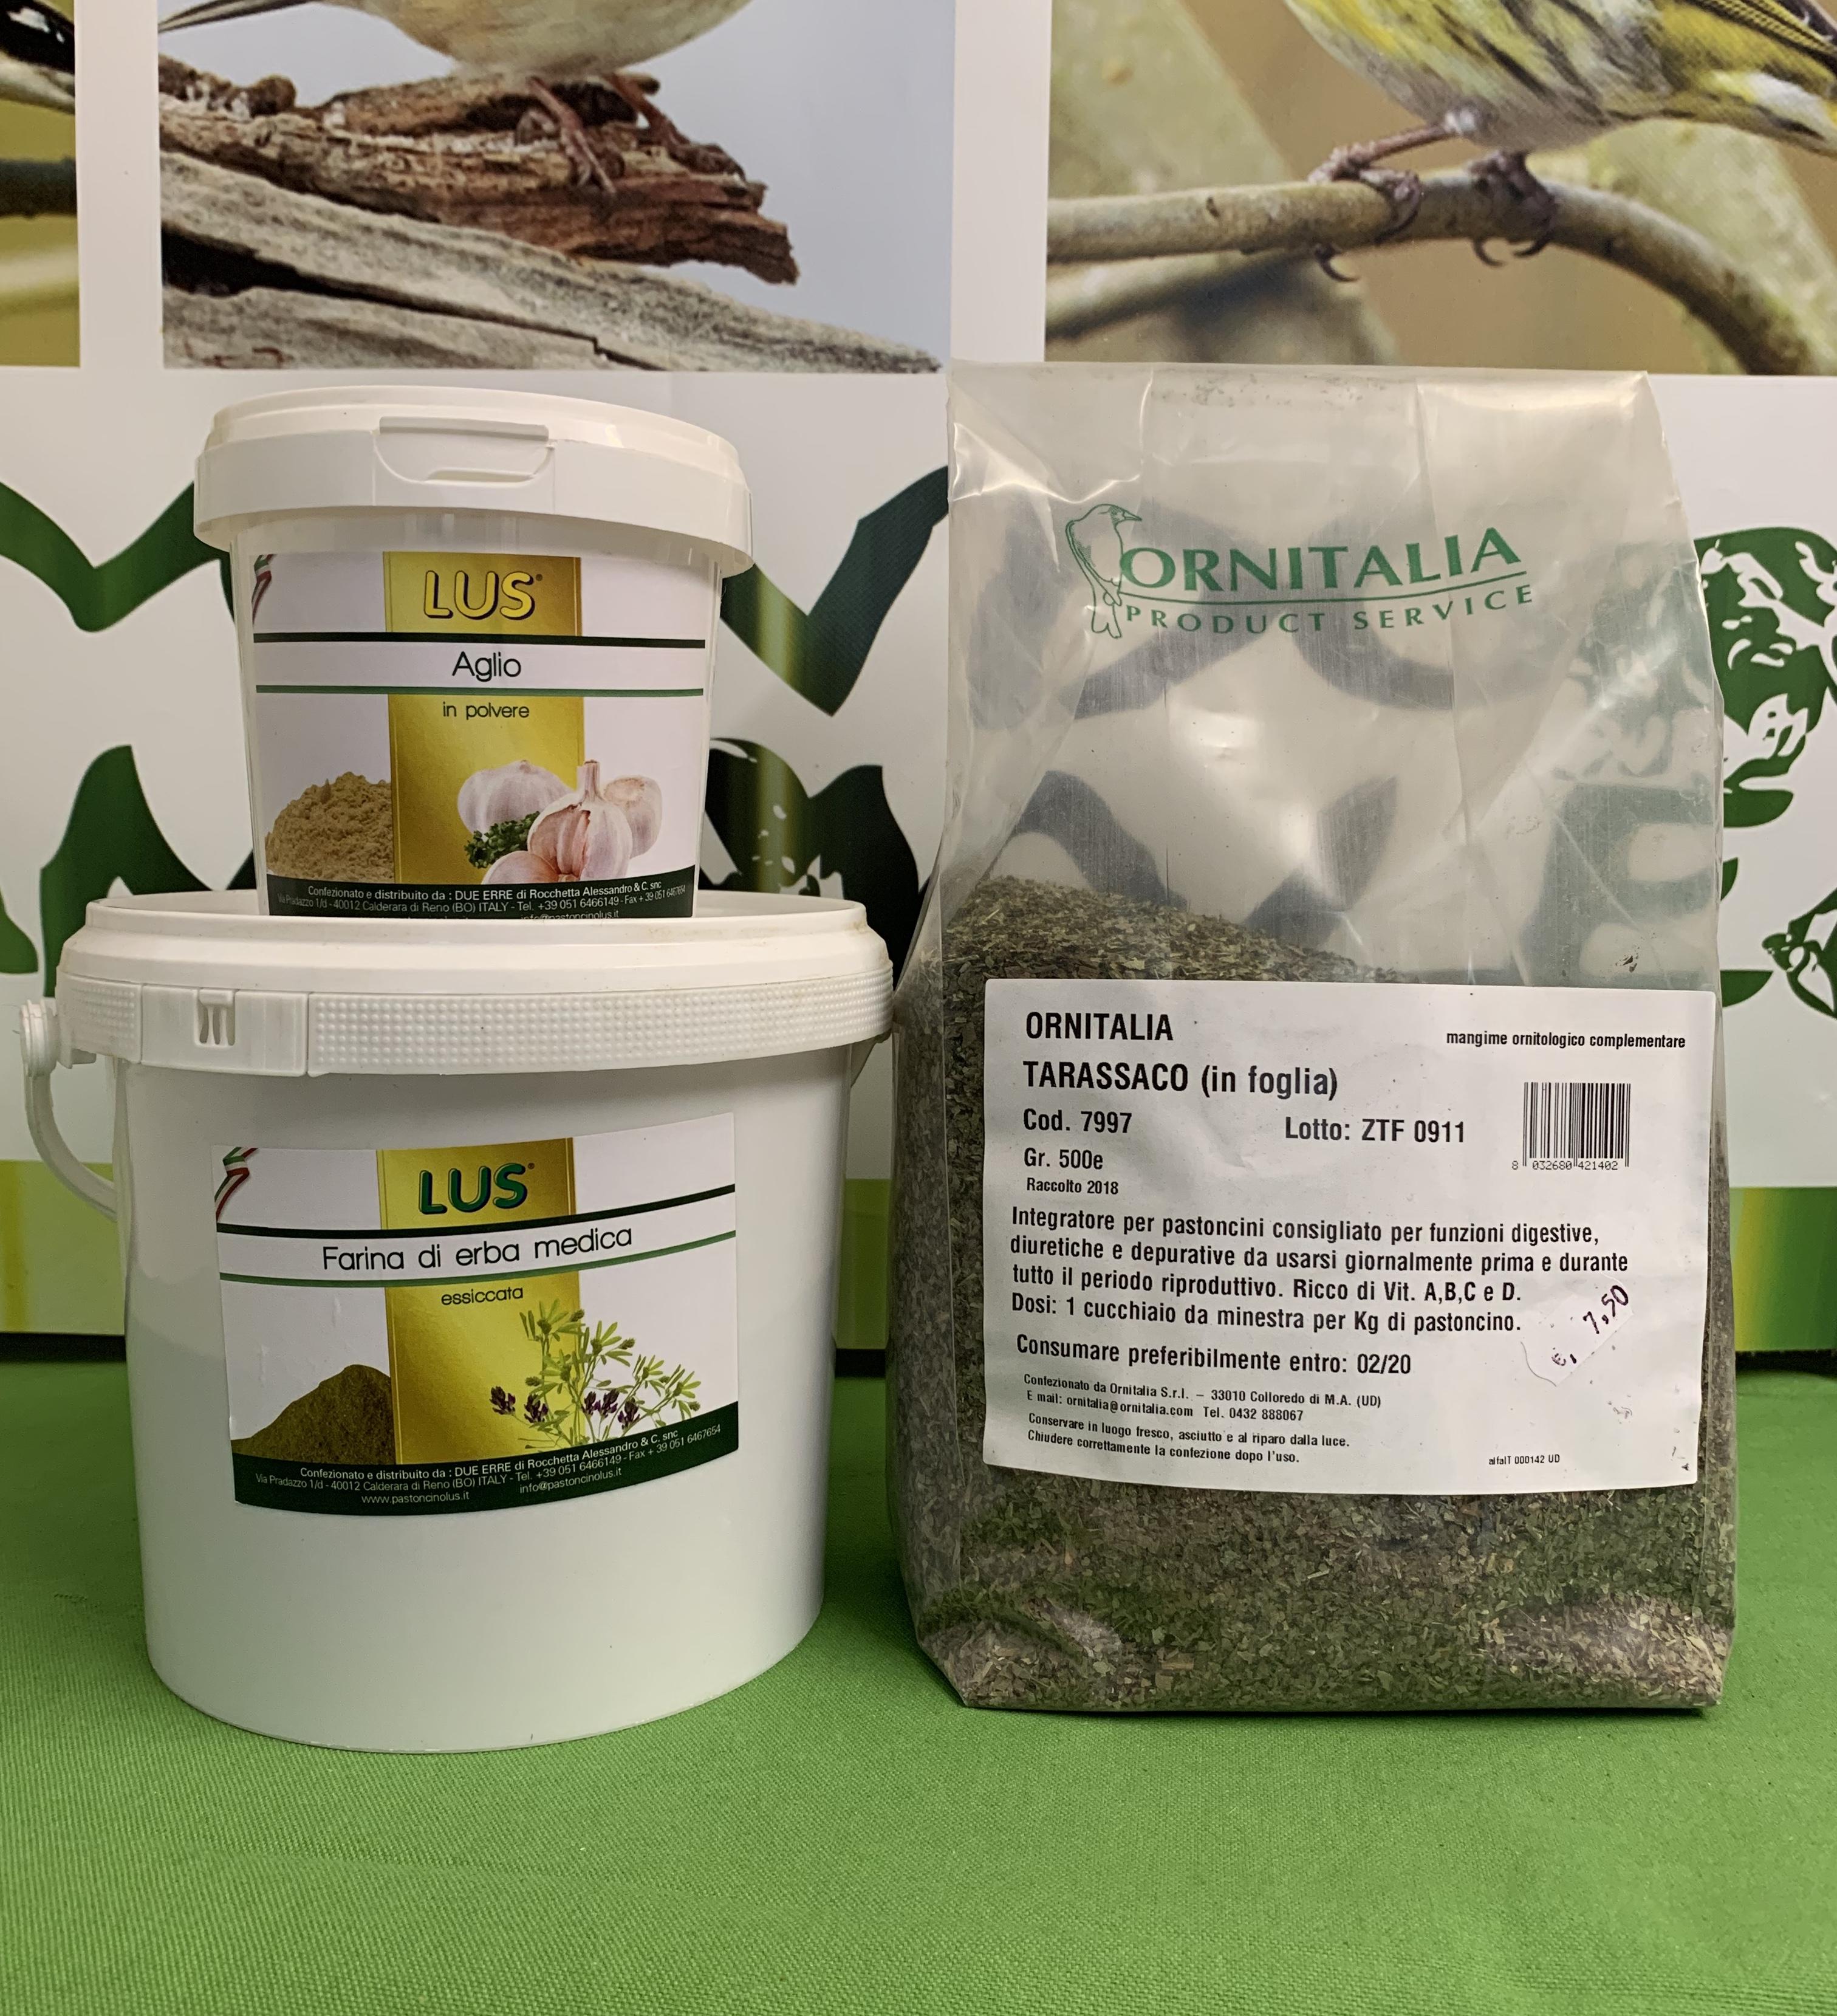 OFFERTA FARINA DI ERBA MEDICA 1kg + AGLIO 200g + TARASSACO 600g